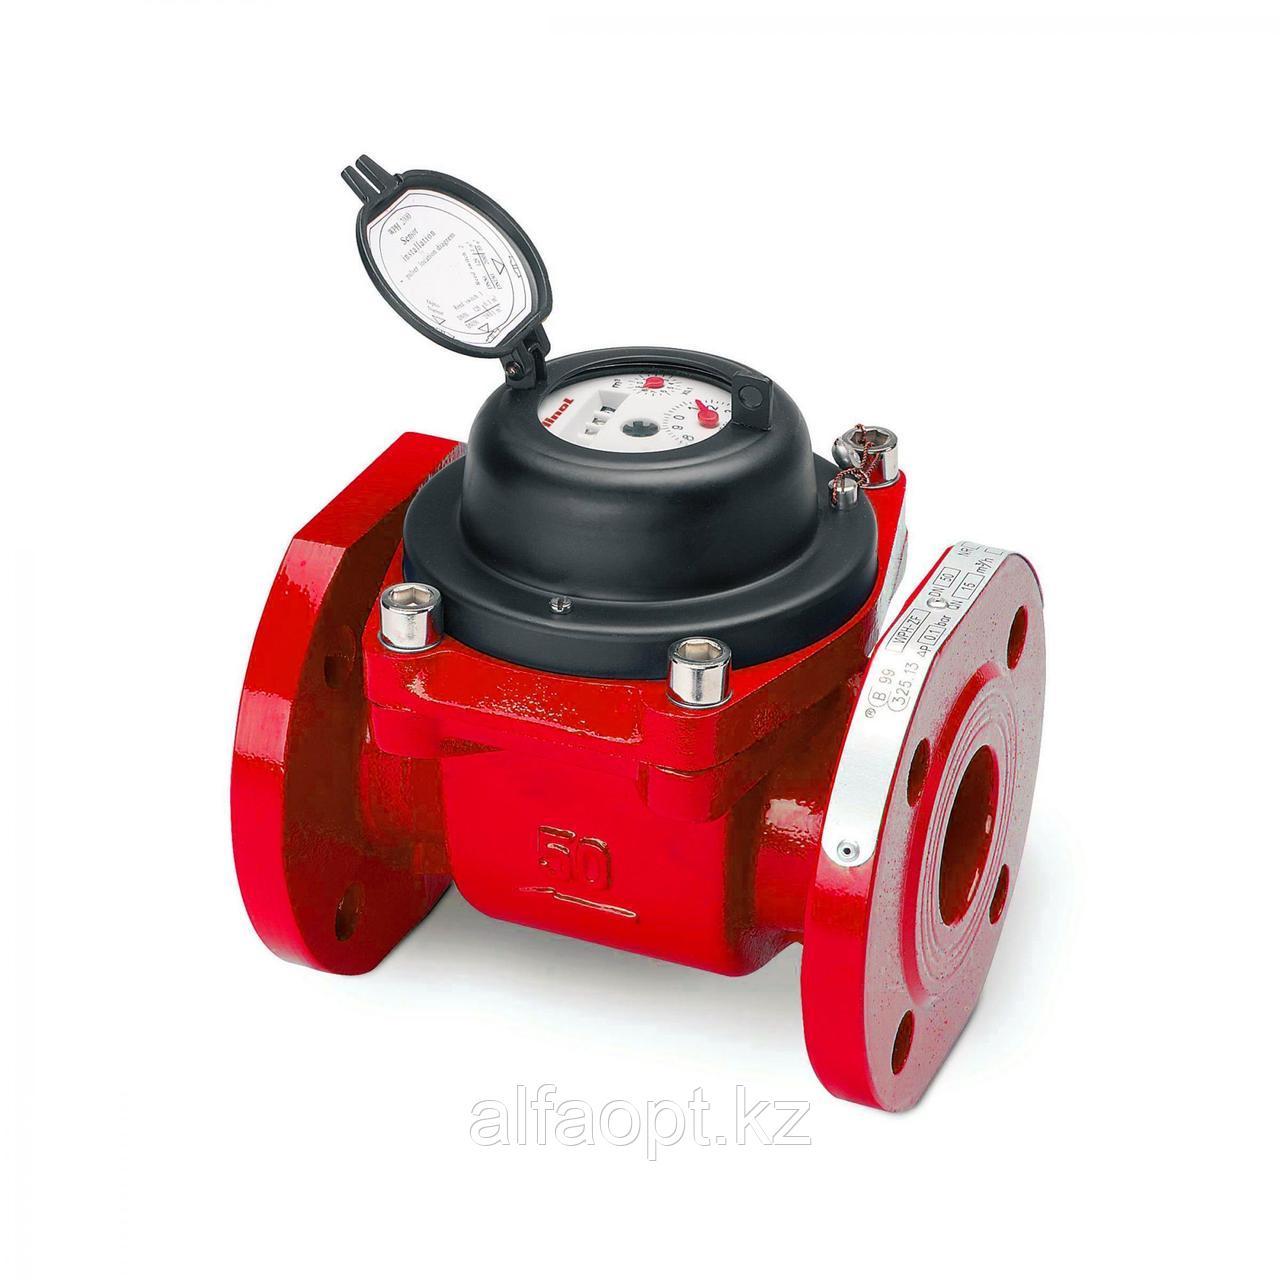 Счетчик воды турбинный Миномесс СВТХ/СВТГ DN 80 (СВТГ)